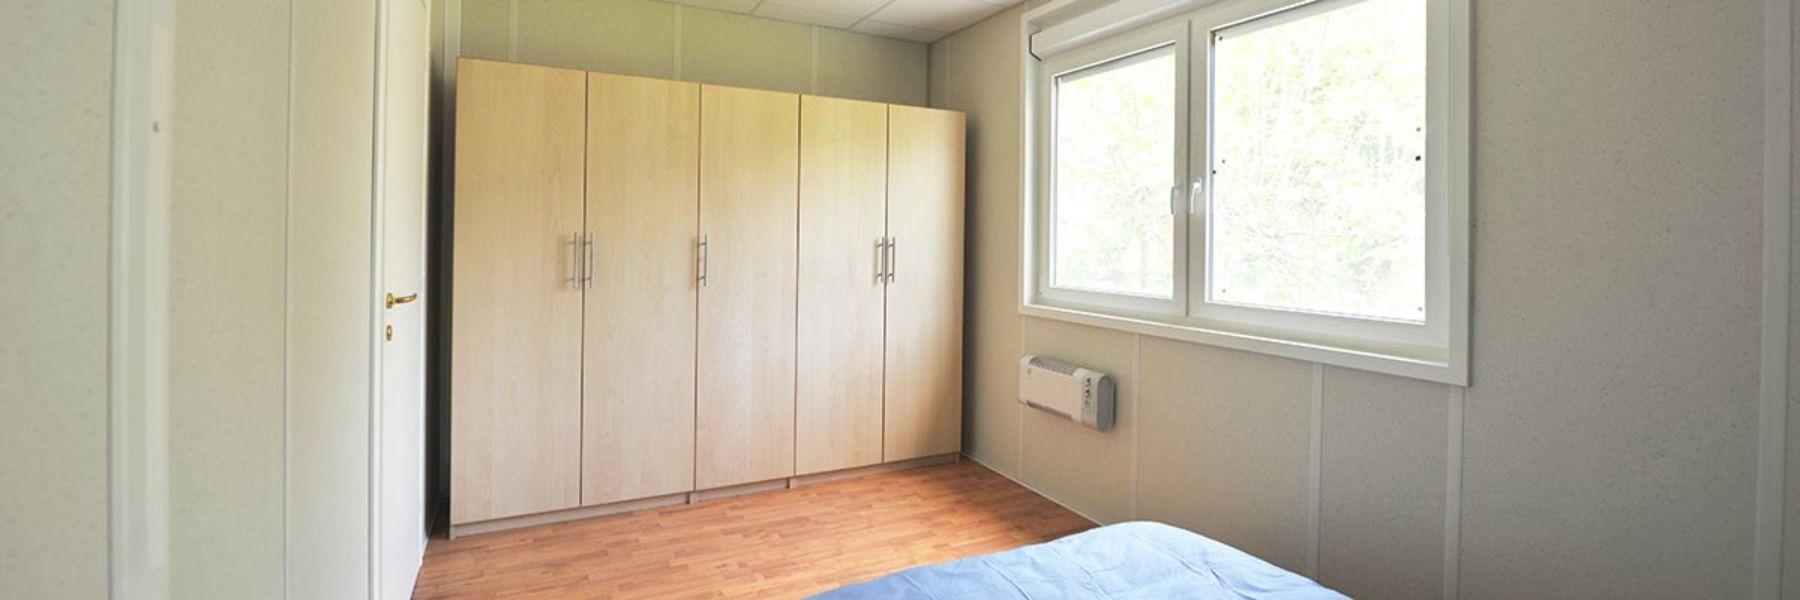 DORMITORI | dormitori 04(1)